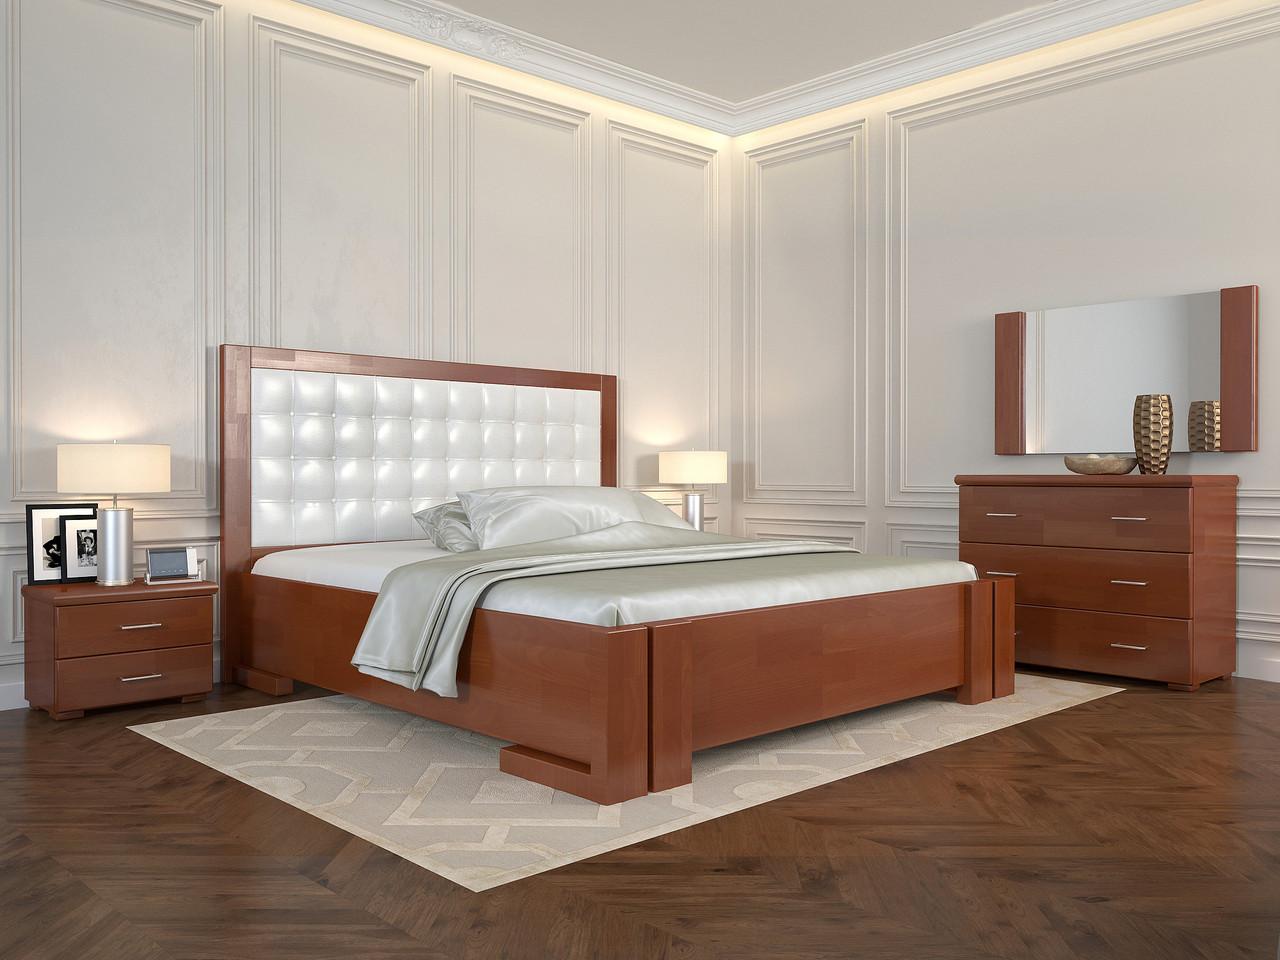 Кровать с механизмом Arbordrev Амбер квадраты (160*200) бук